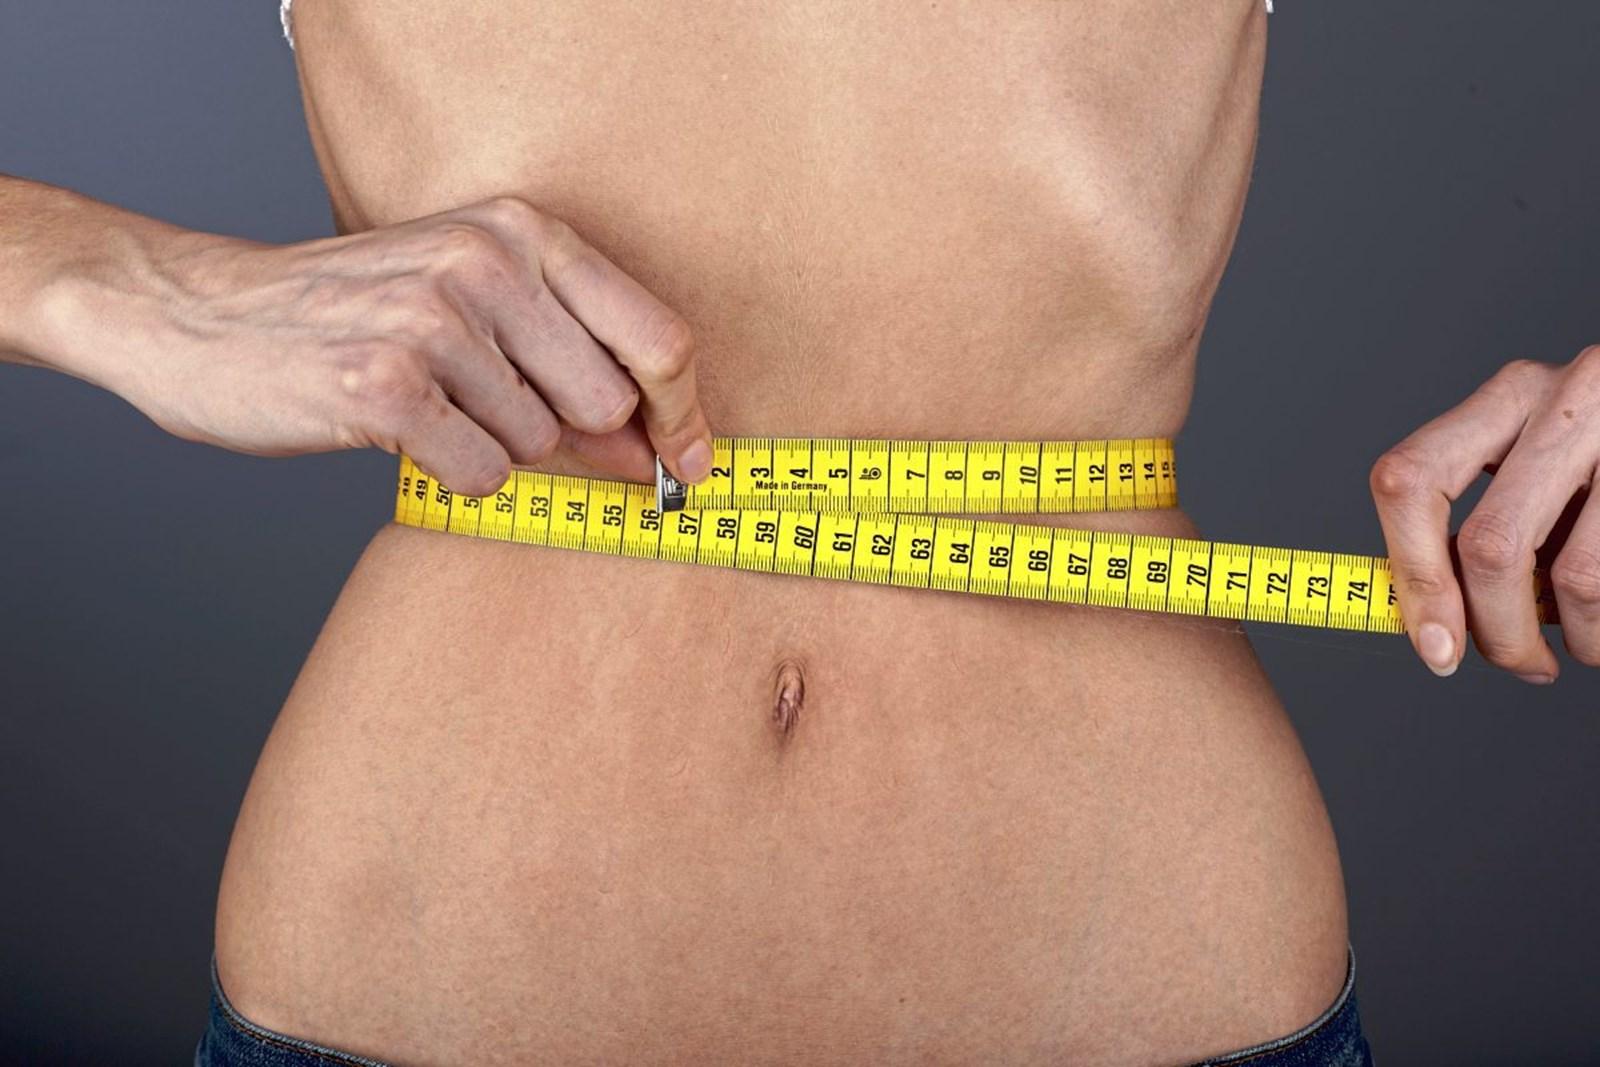 Forscher entdecken Magersucht-Gene